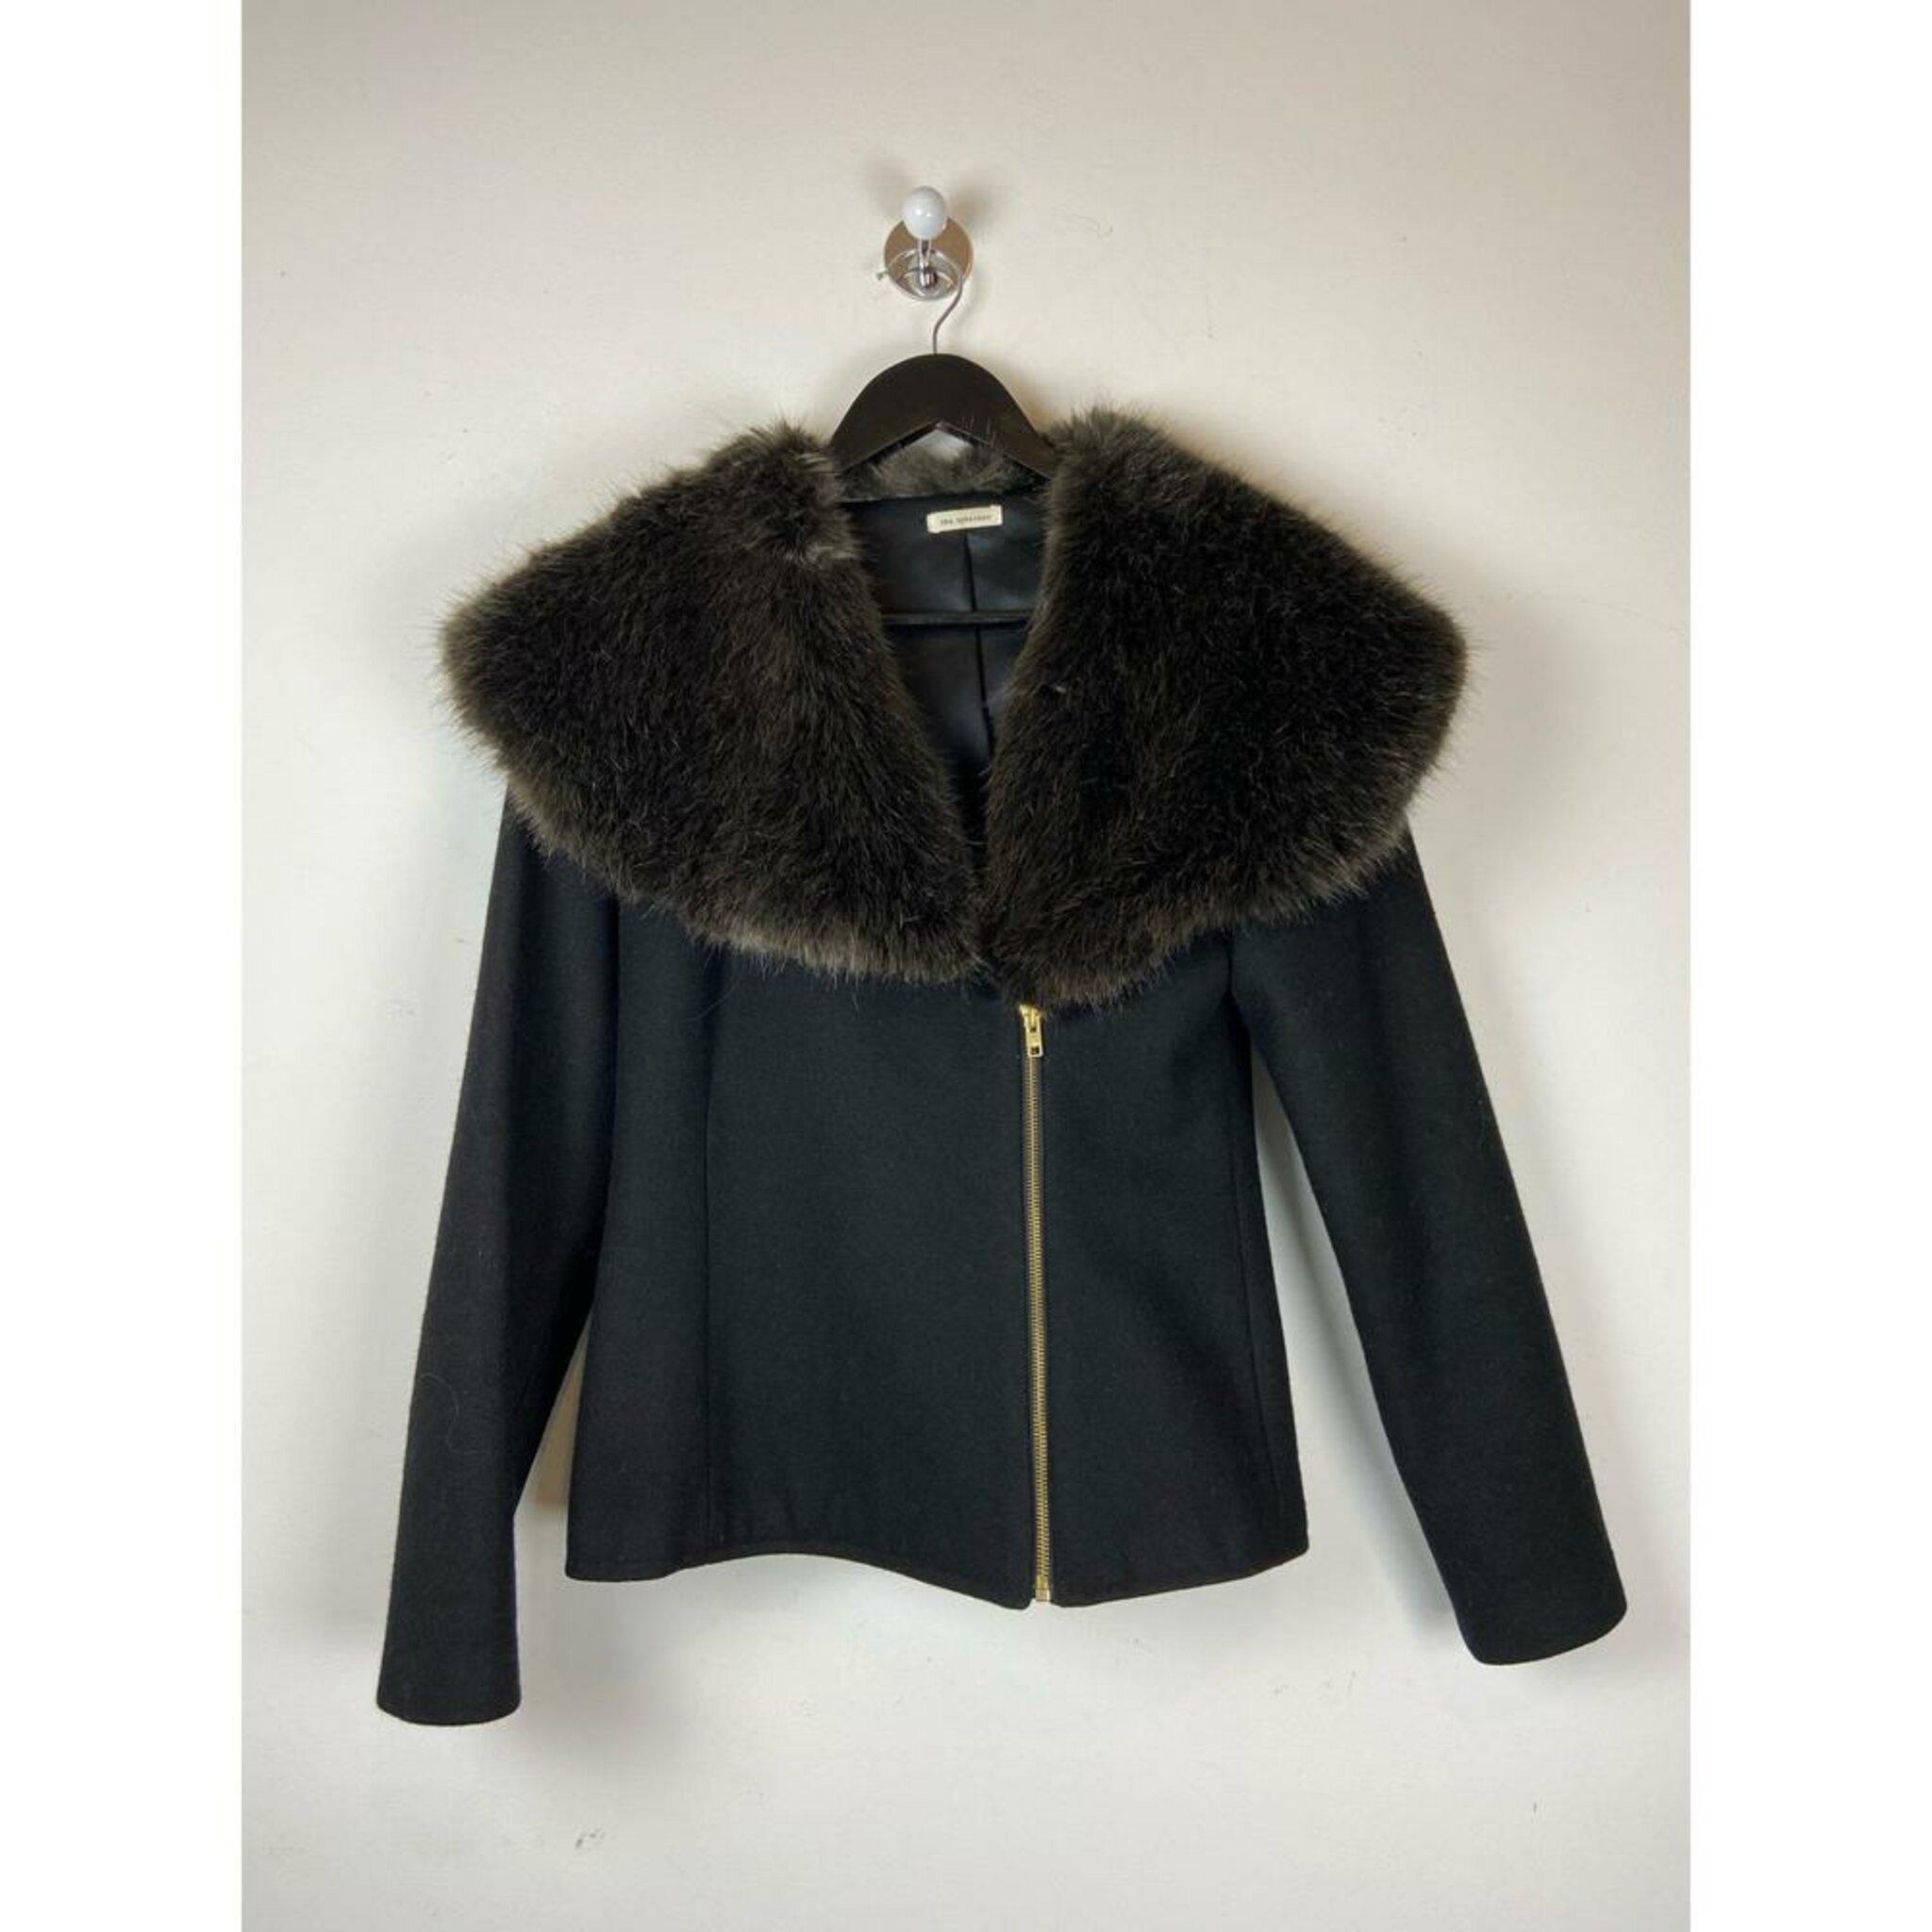 Faux-fur Jacket by Ida Sjöstedt, M